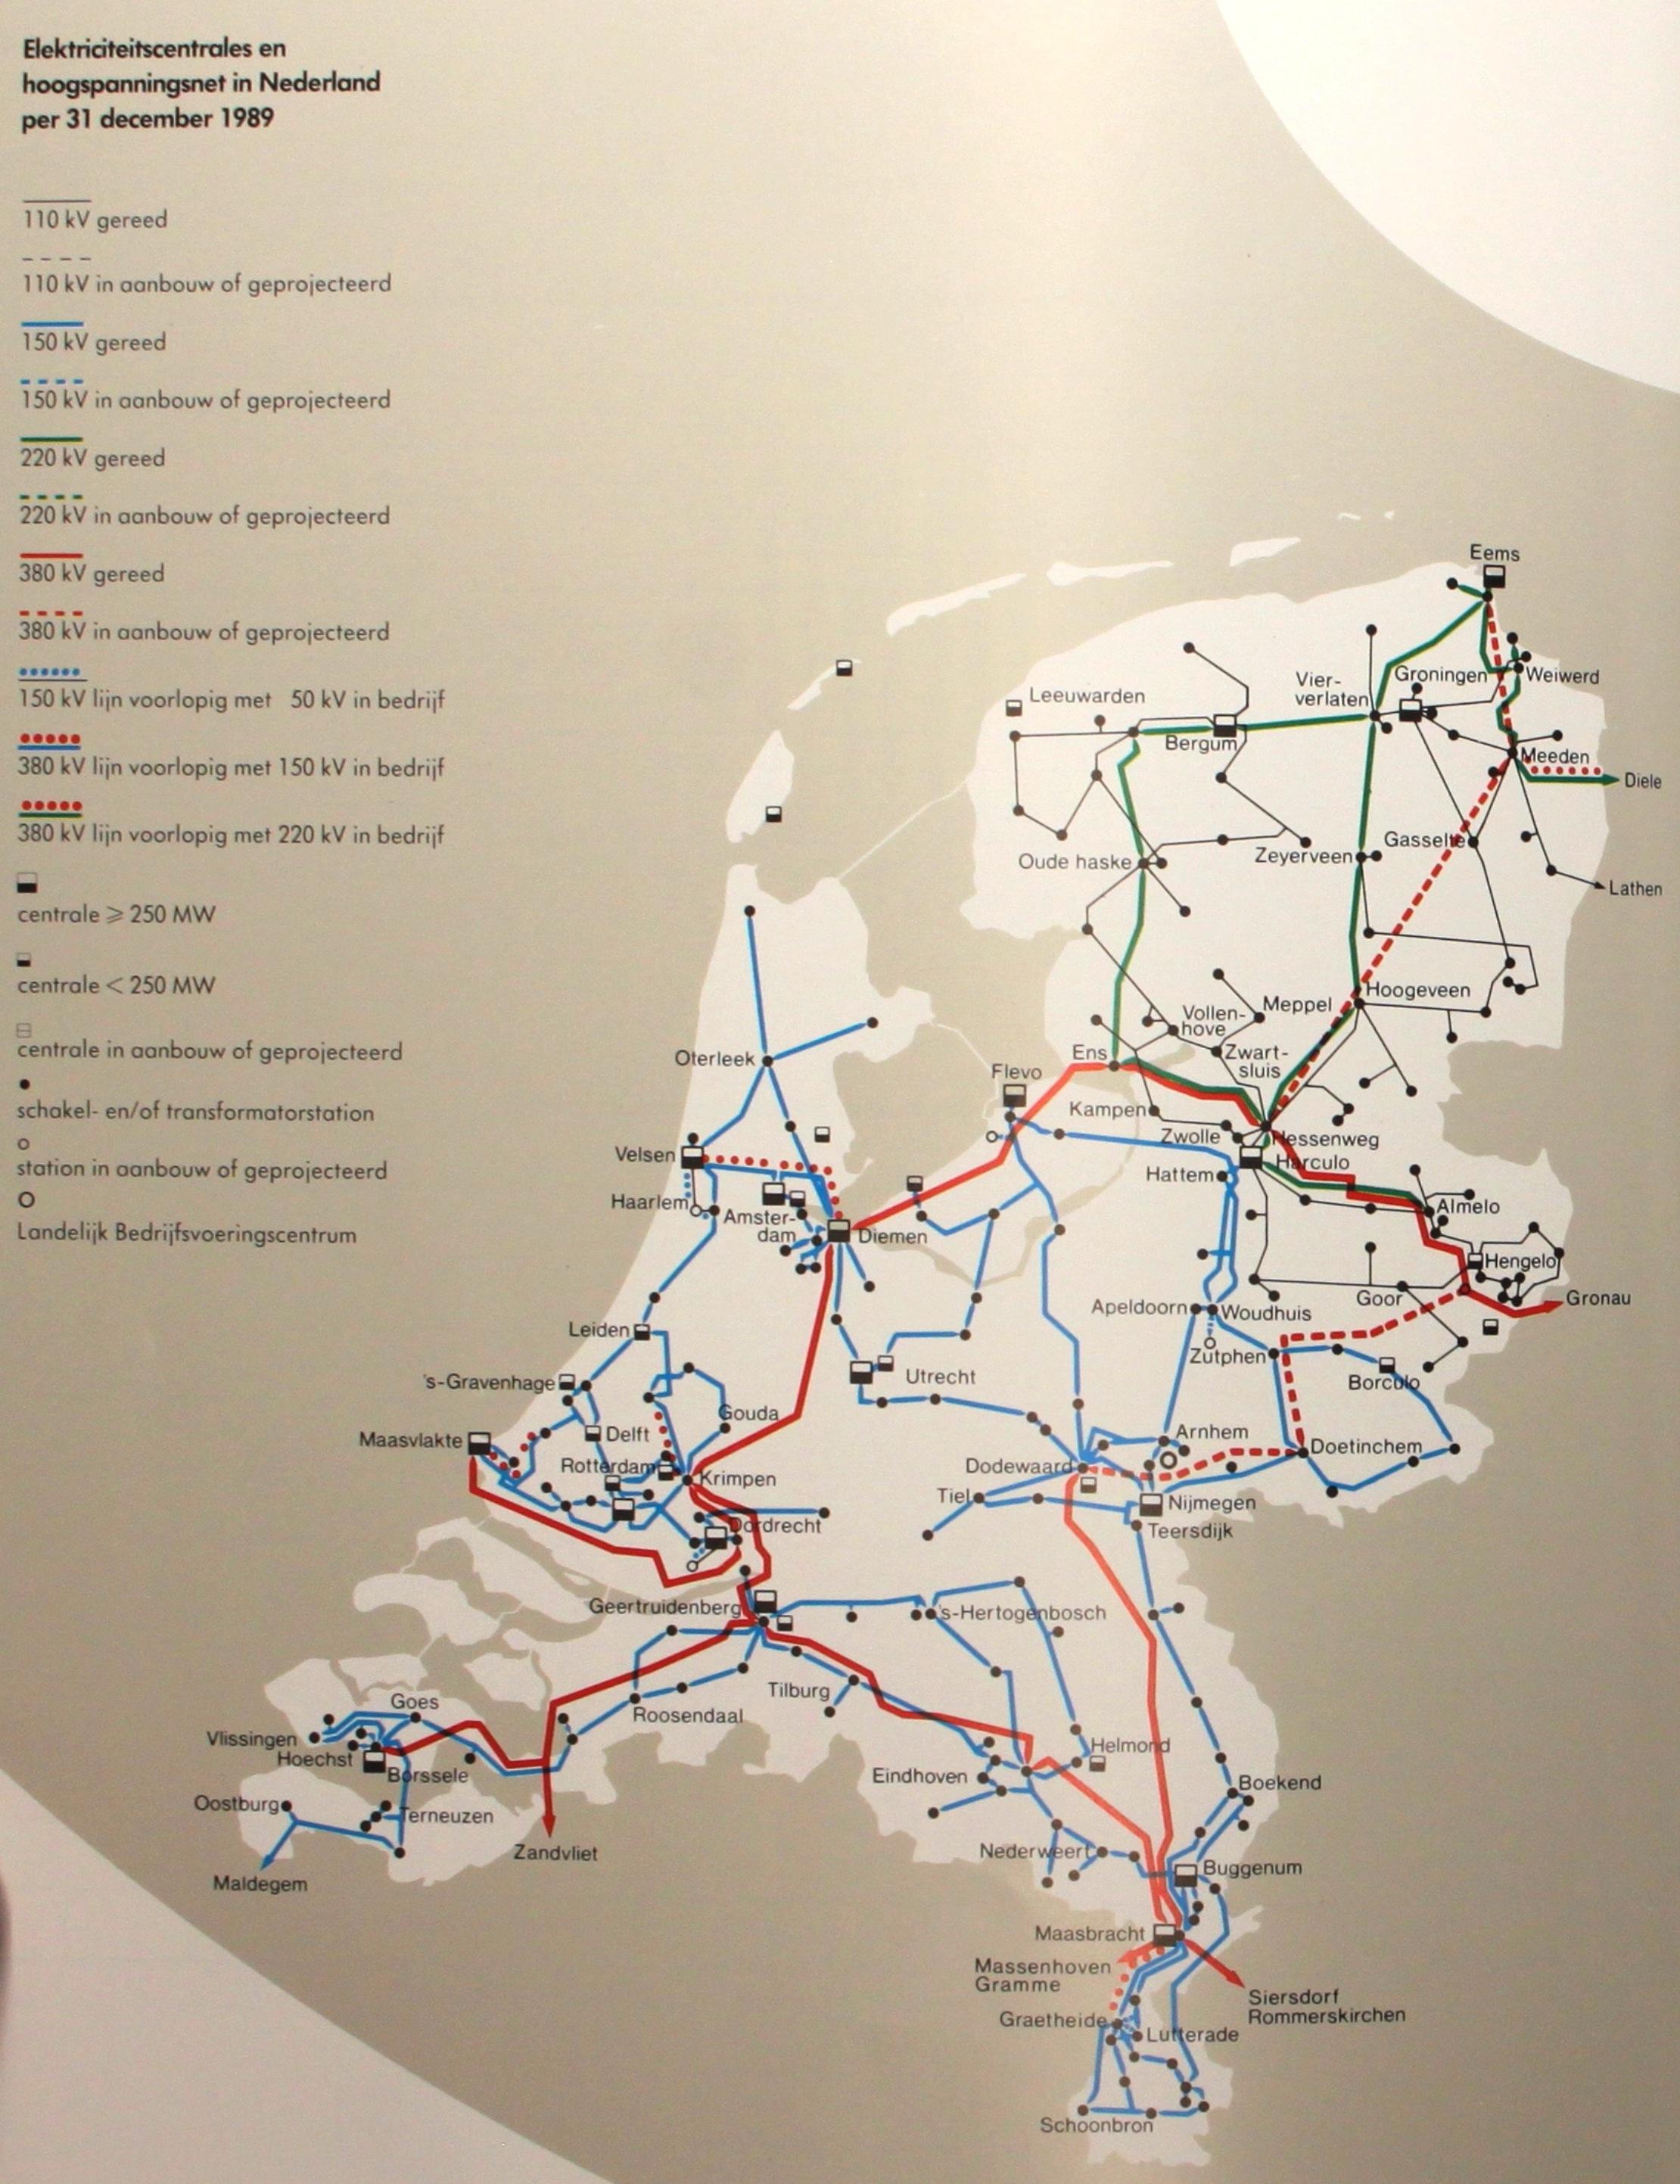 Netkaart van 1989